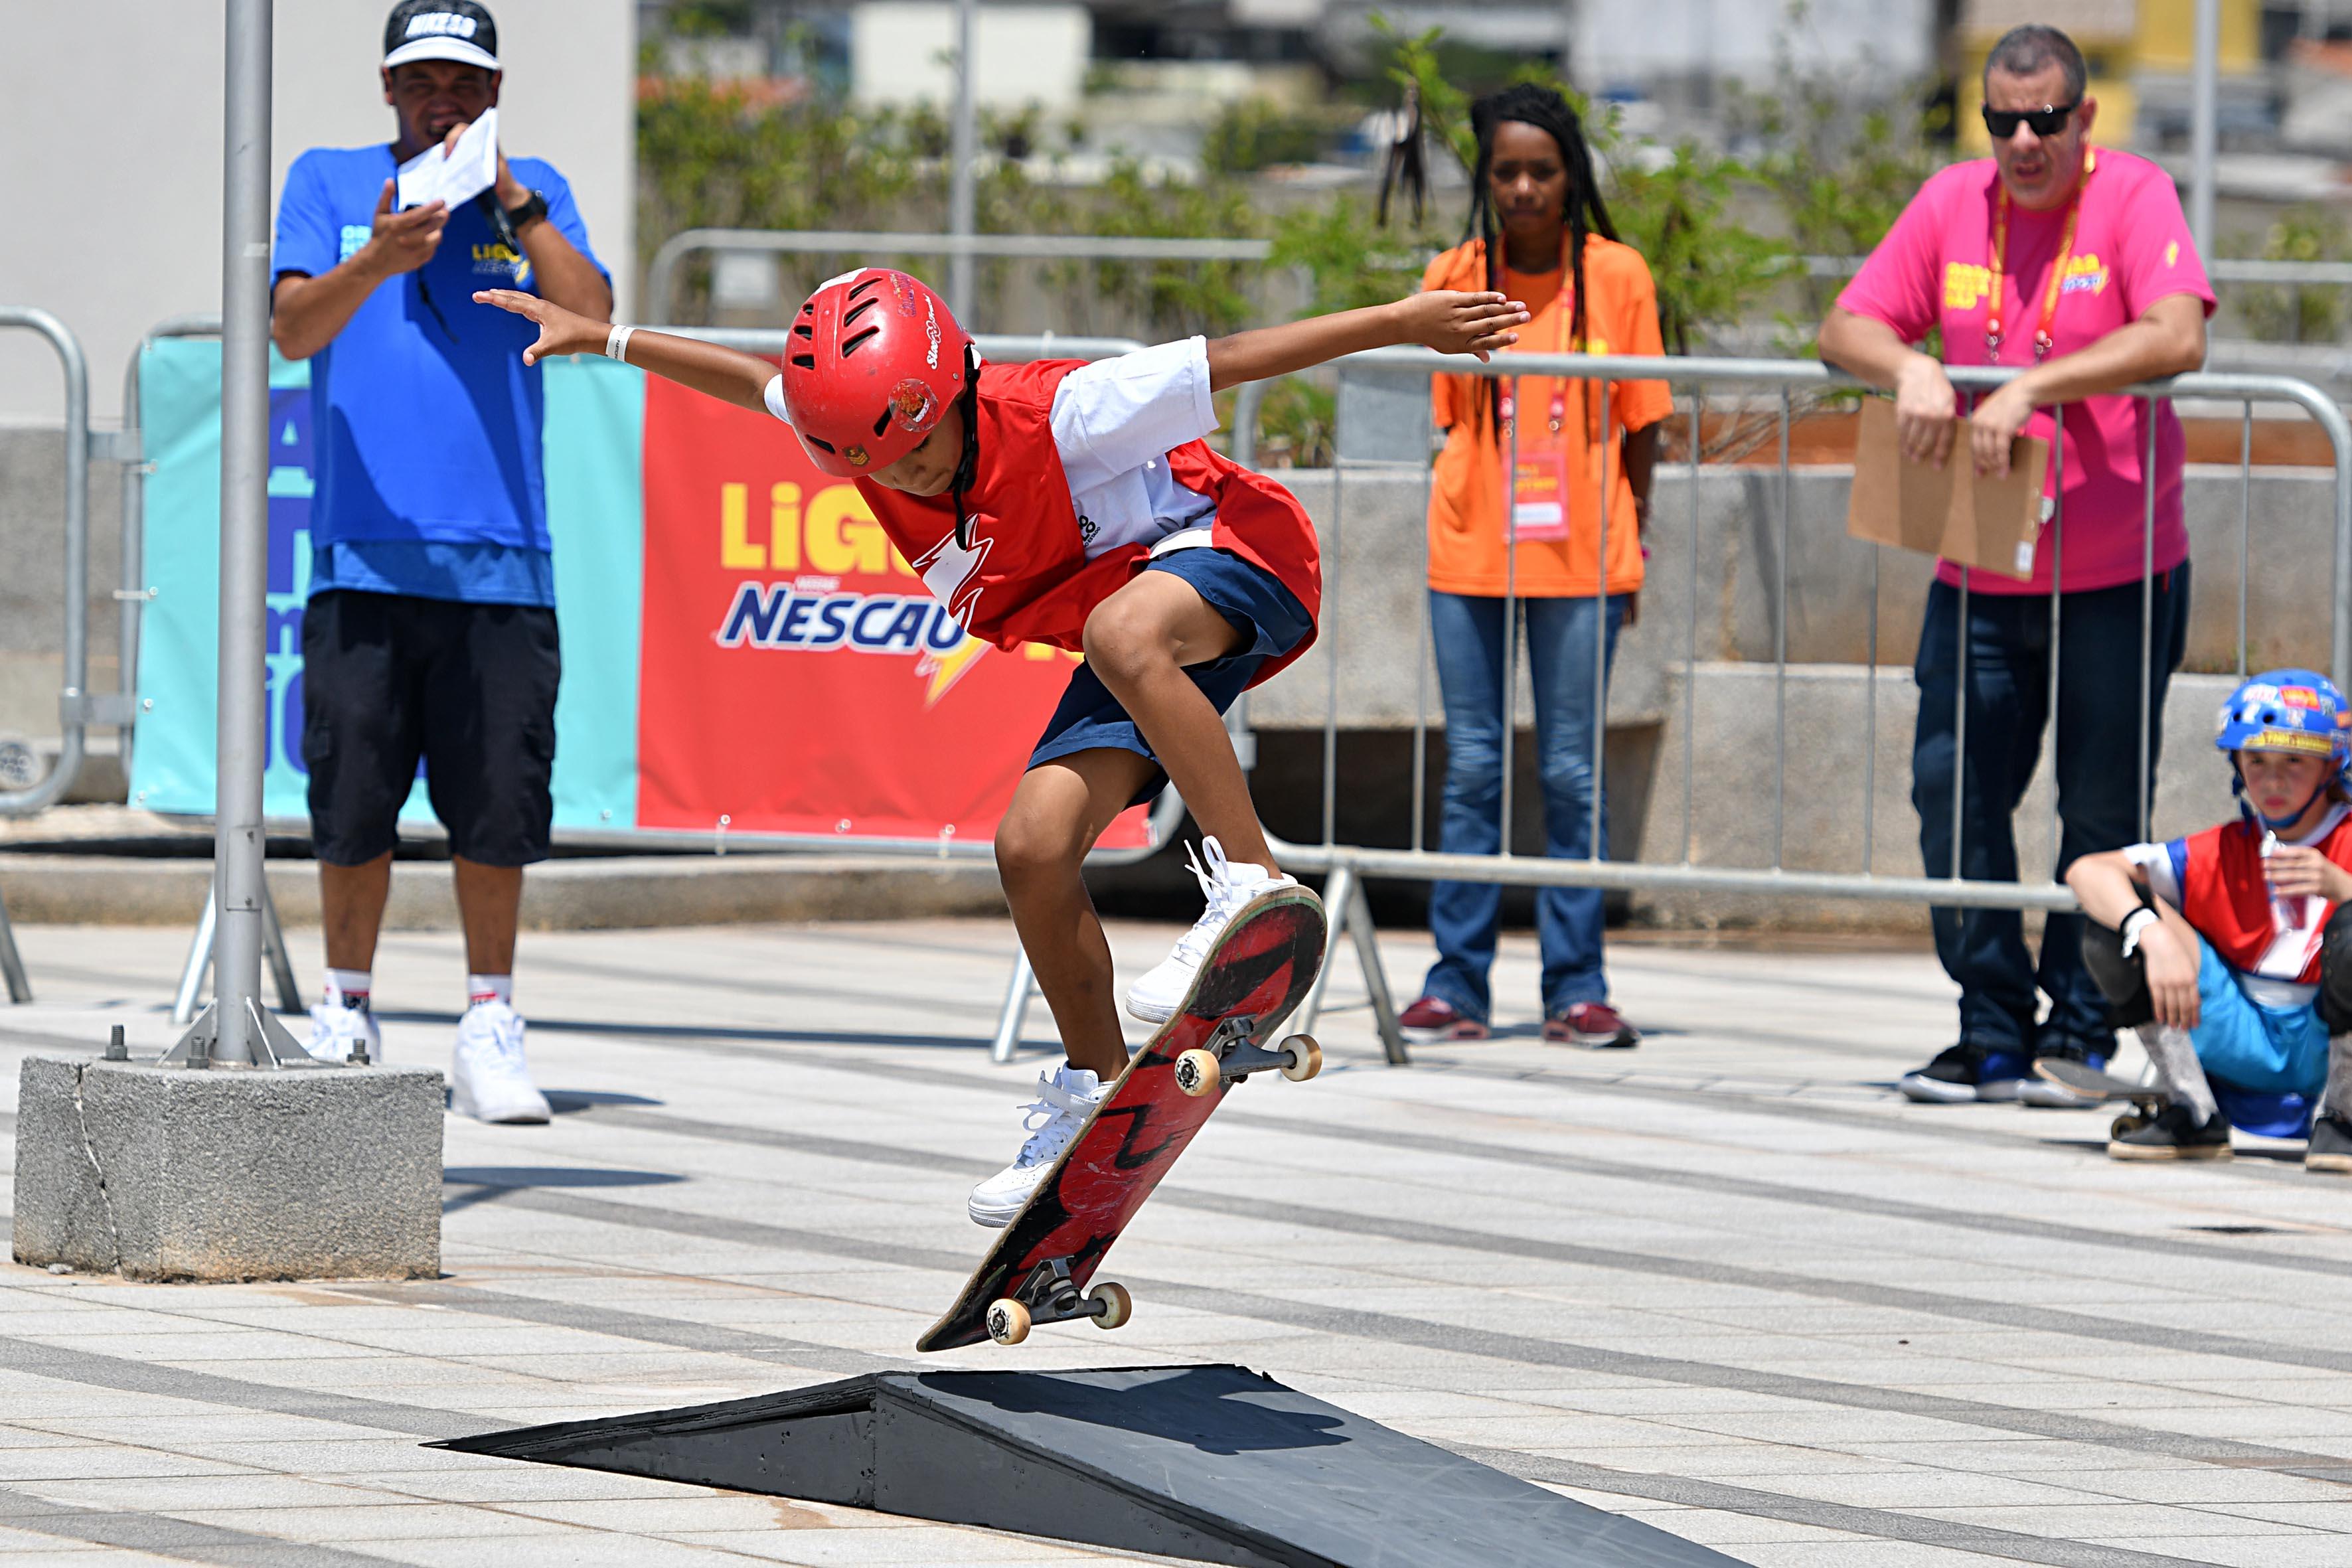 Liga Nescau reúne 4 mil alunos com e sem deficiência em competição estudantil 5